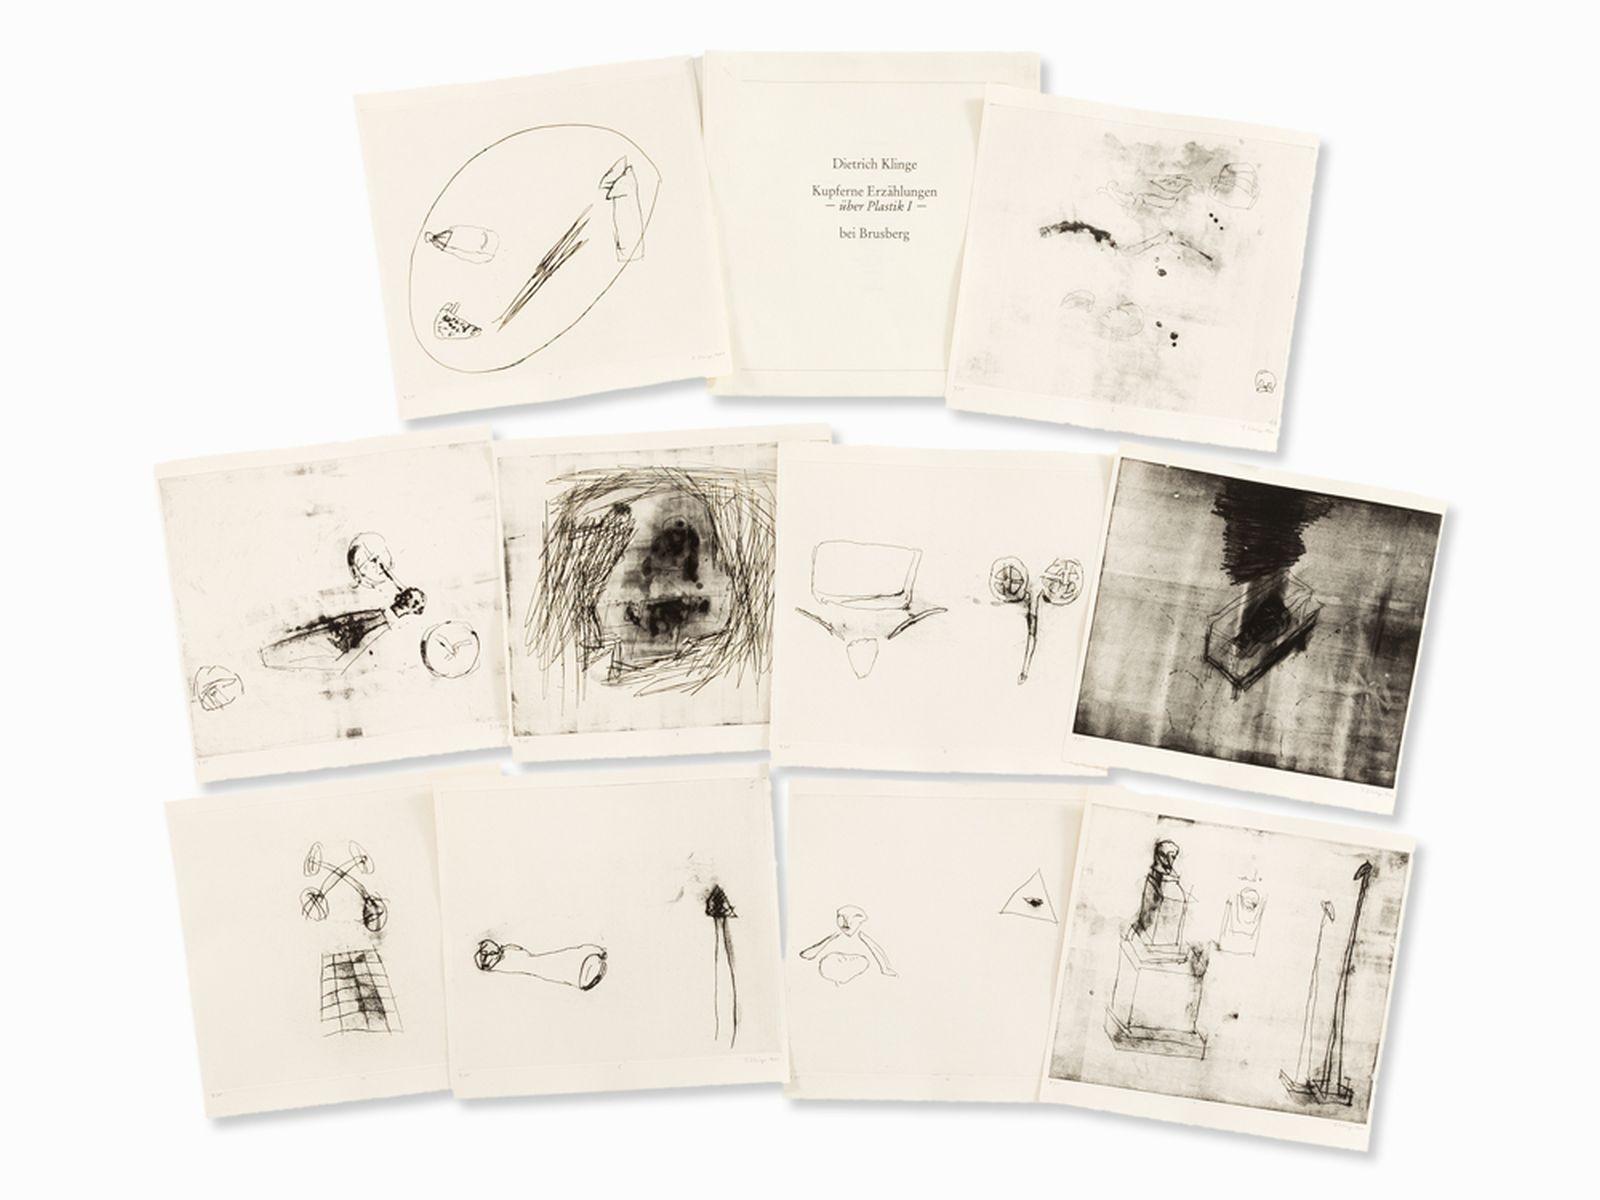 #109 Dietrich Klinge, Kupferne Erzählungen, 10 Etchings, 1991 | Dietrich Klinge, Kupferne Erzählungen, 10 Radierungen, 1991 Image